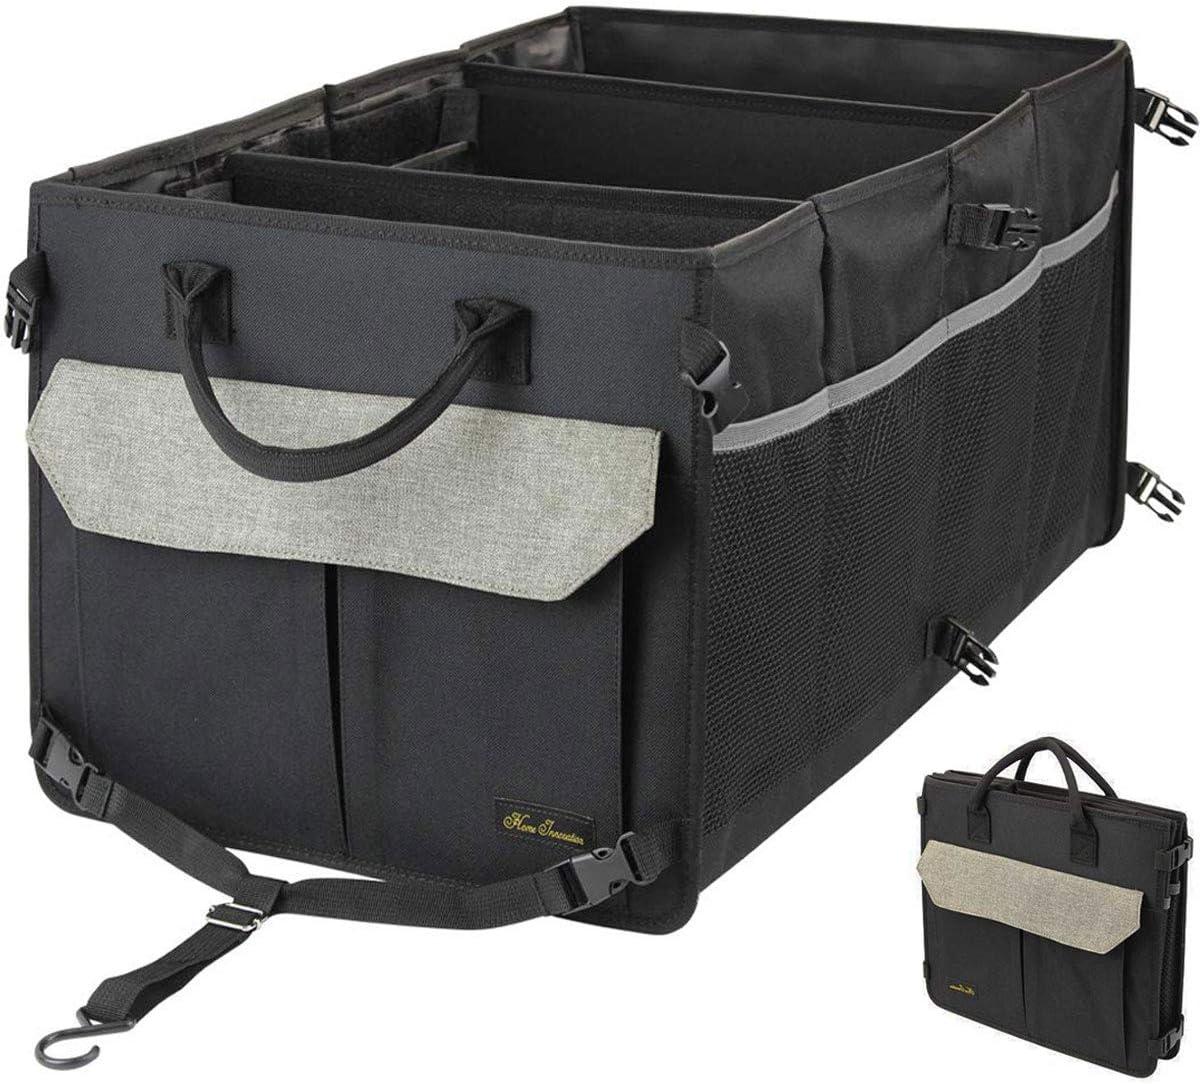 langlebig und waschbar f/ür Auto Faltbarer Kofferraum f/ür LKW-Ladungen mit No-Slip Streifen Home Innovation KofferraumOrganizer mit 3 F/ächern und 9 Taschen Khaki SUV und mehr